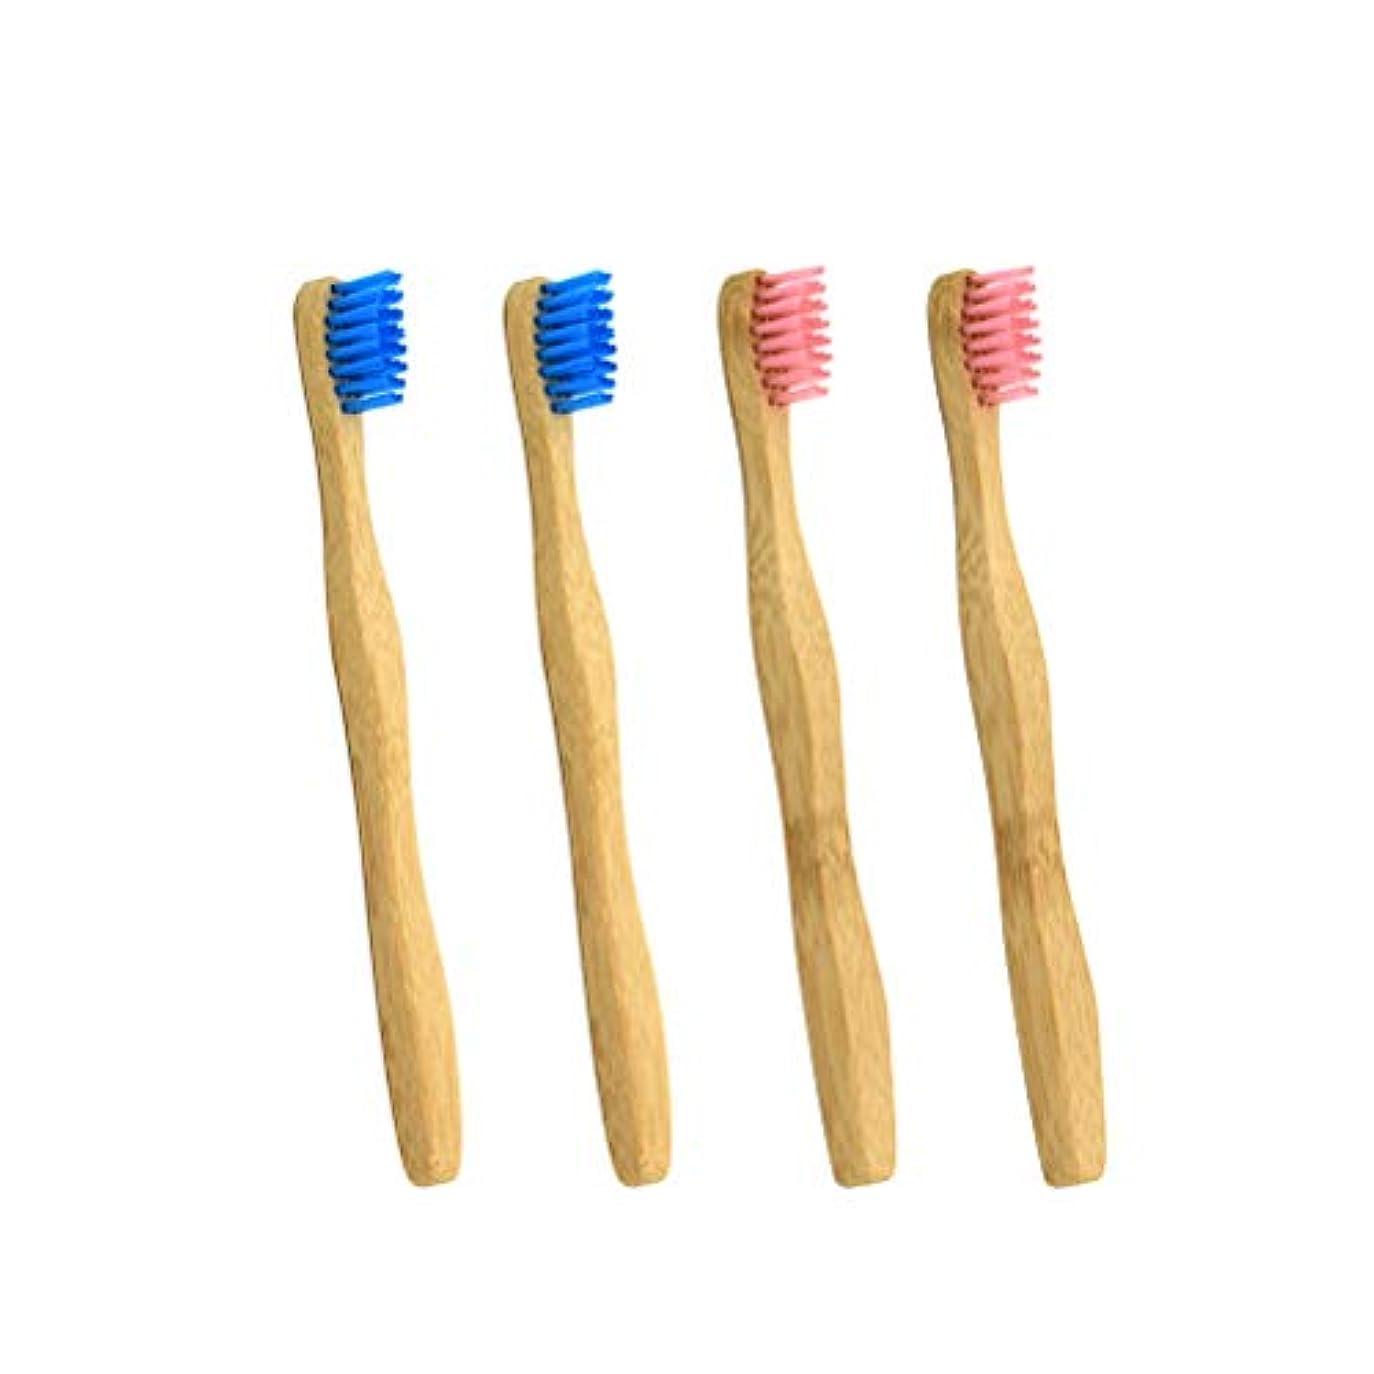 トランザクション友だち教会Healifty 歯ブラシ抗細菌キッズ歯ブラシ4本(ピンクとブルー各2本)